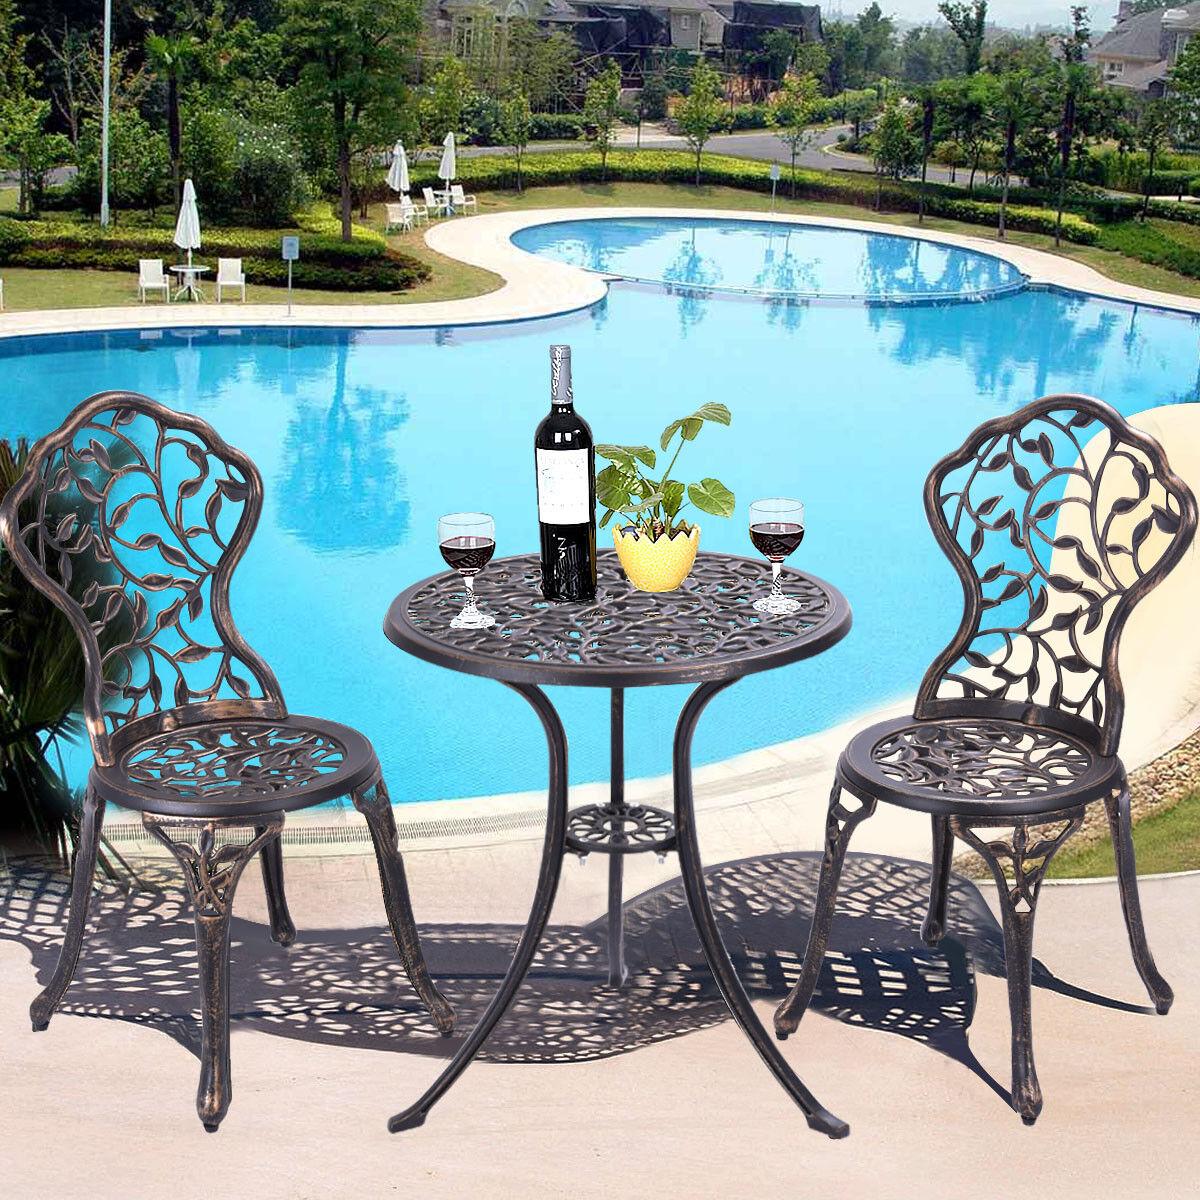 3tlg Antik Bistroset Balkonset Gartenmöbel Sitzgruppe Bistrotisch Tisch 2 Stühle